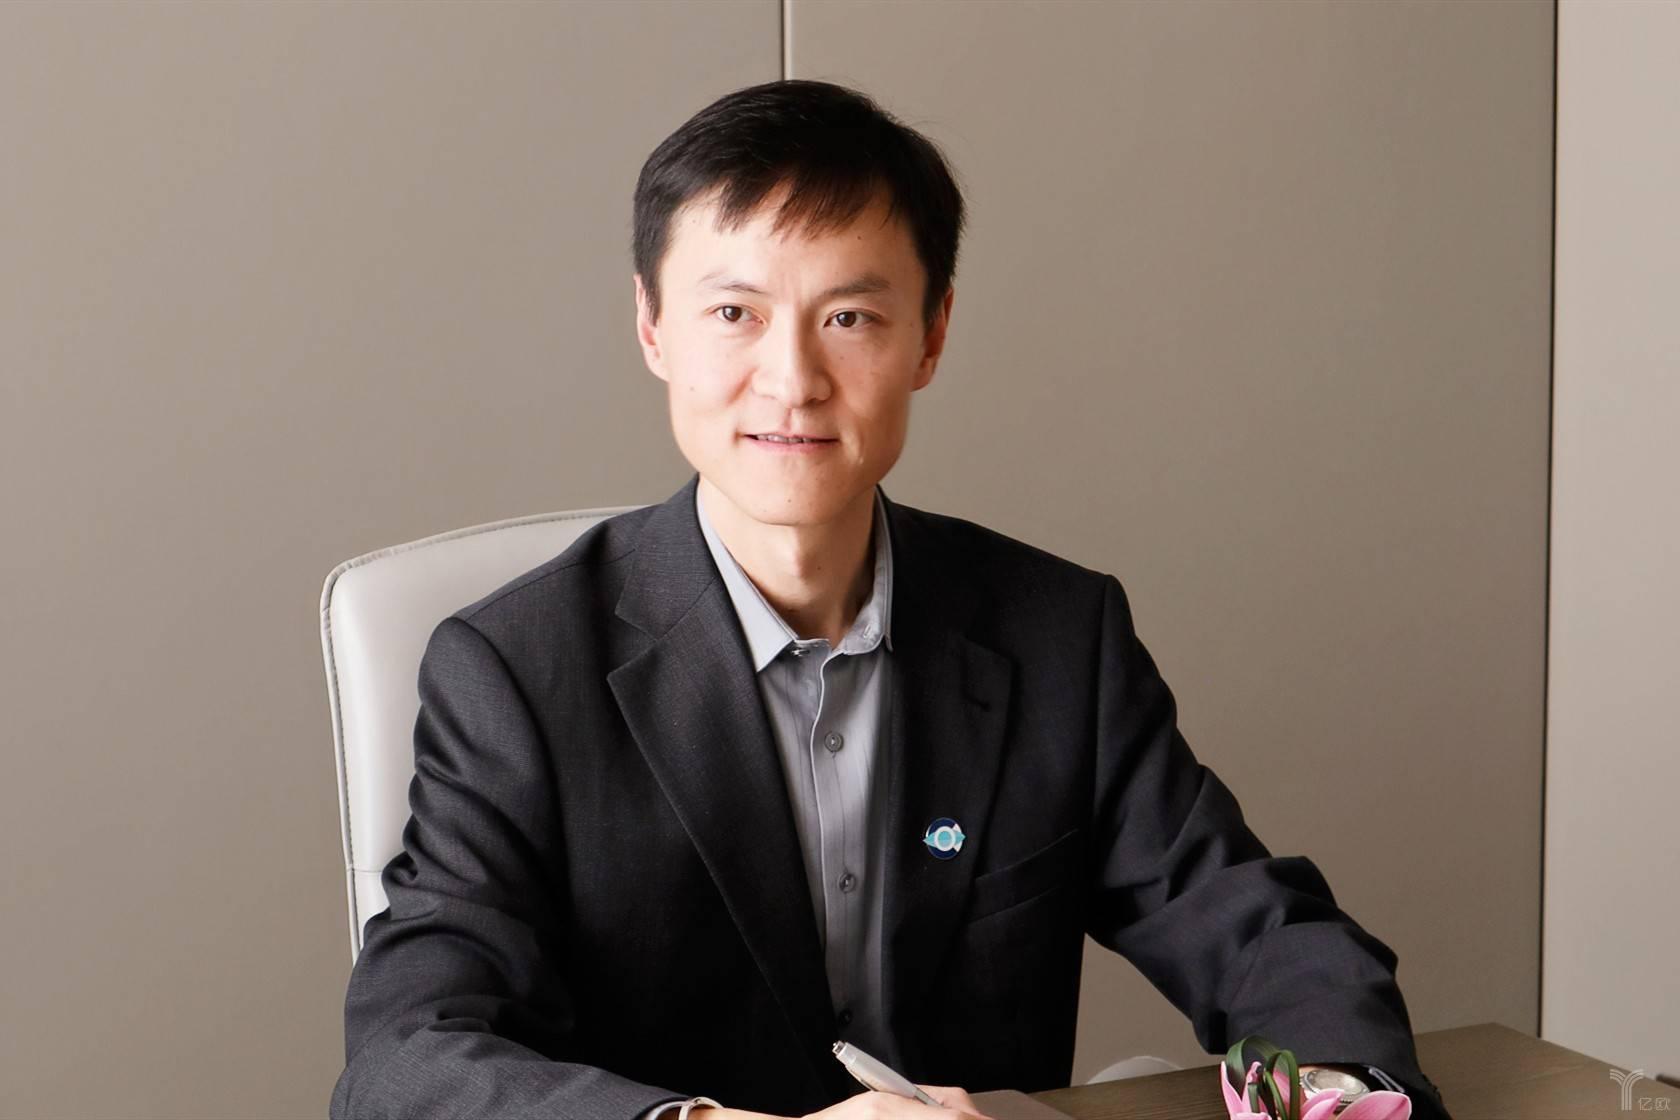 智加科技刘万千:十年内冲大规模商业化,自动驾驶不会Waymo一家独大